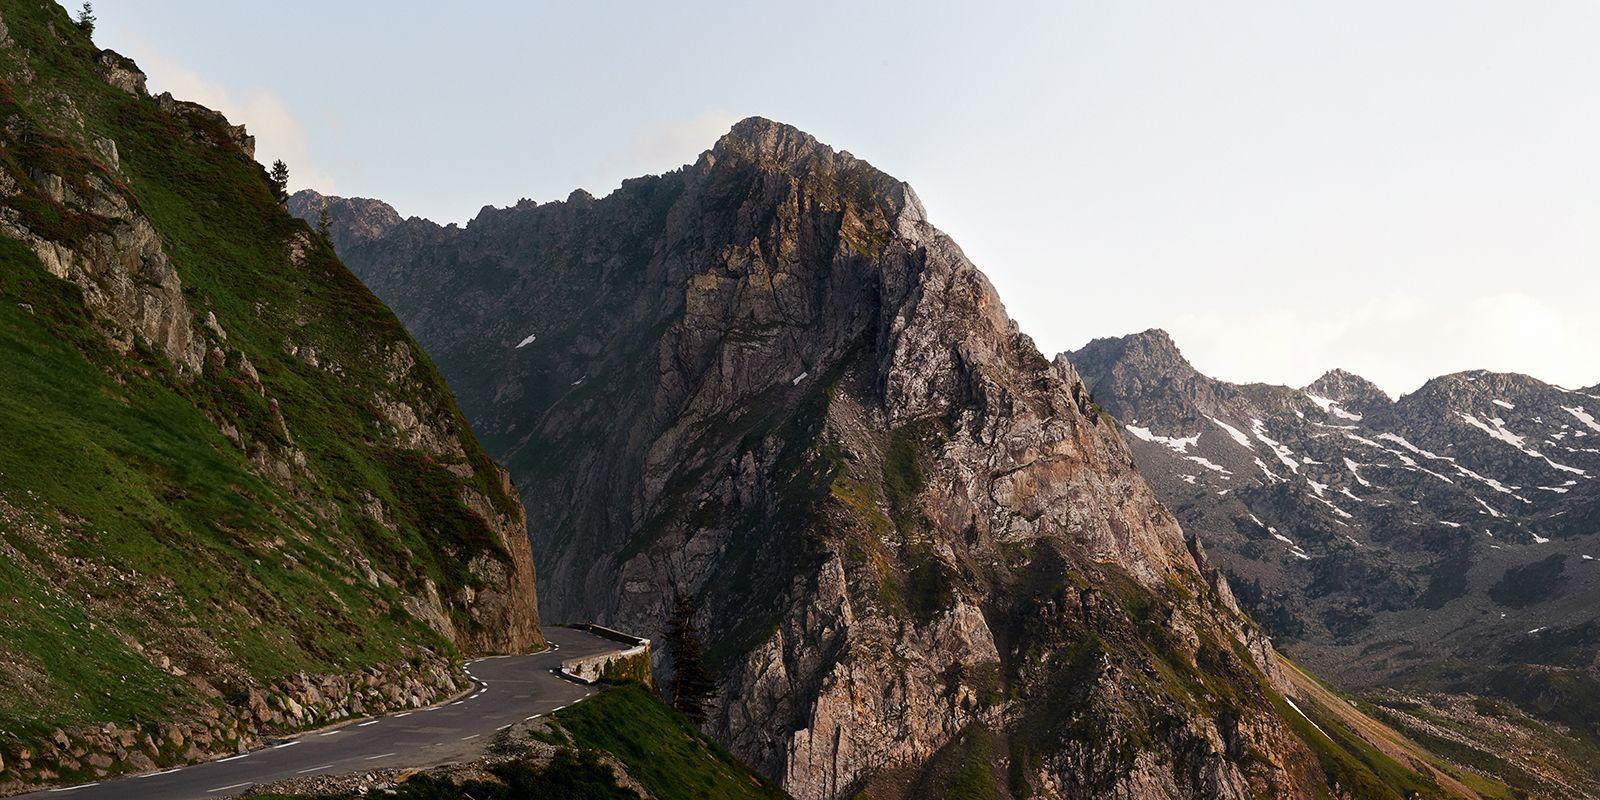 Col du Tourmalet: Montagnes du monde #7